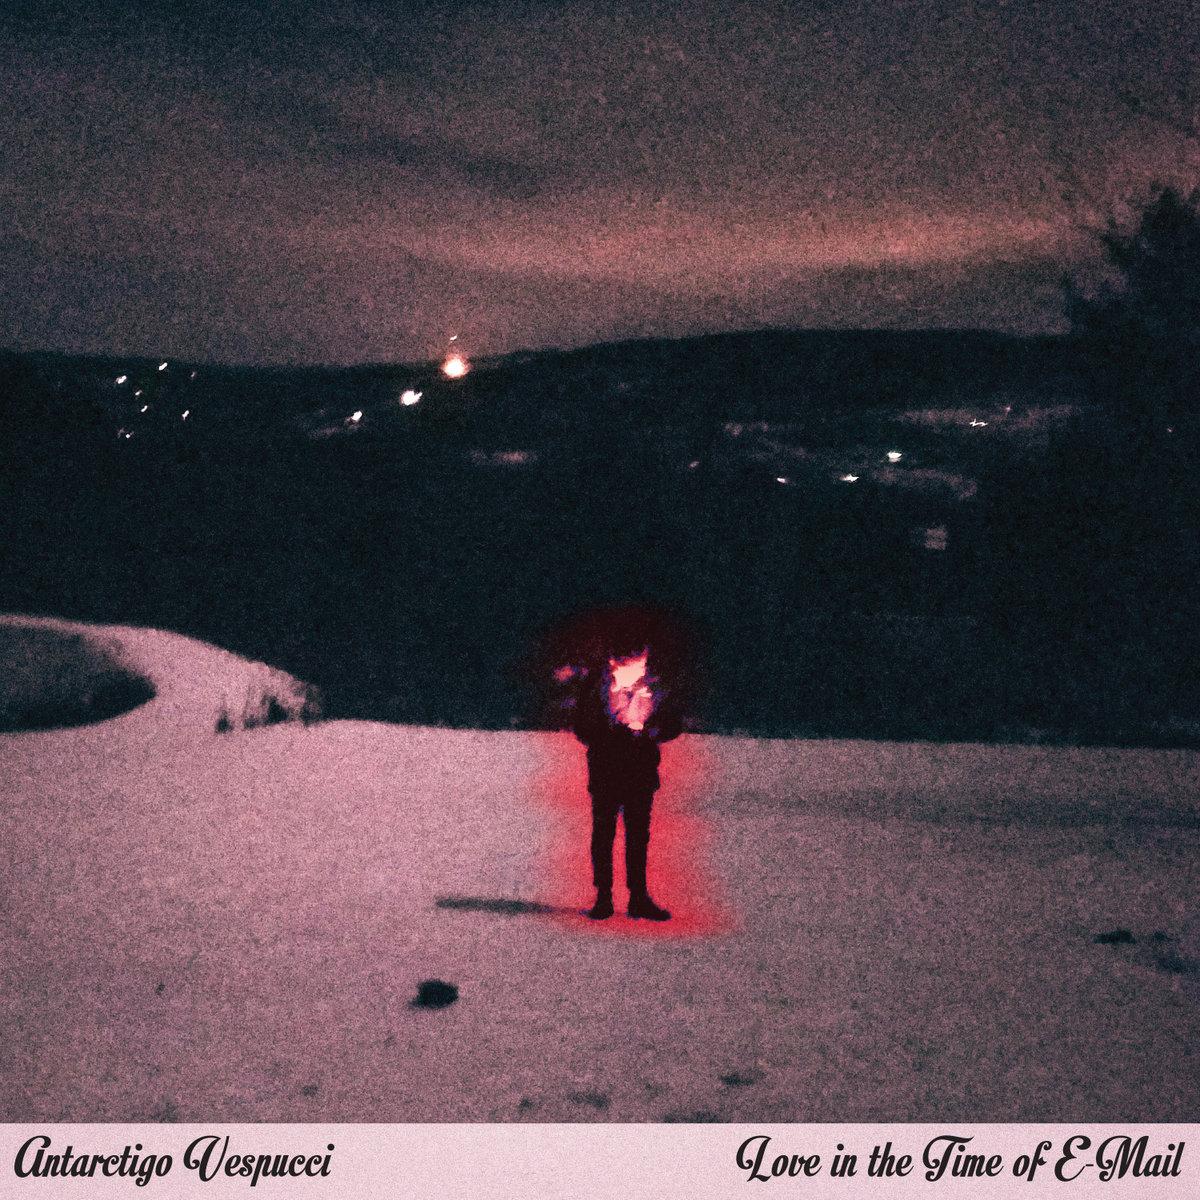 Antarctigo Vespucci - Love In The Time of E-Mail LP